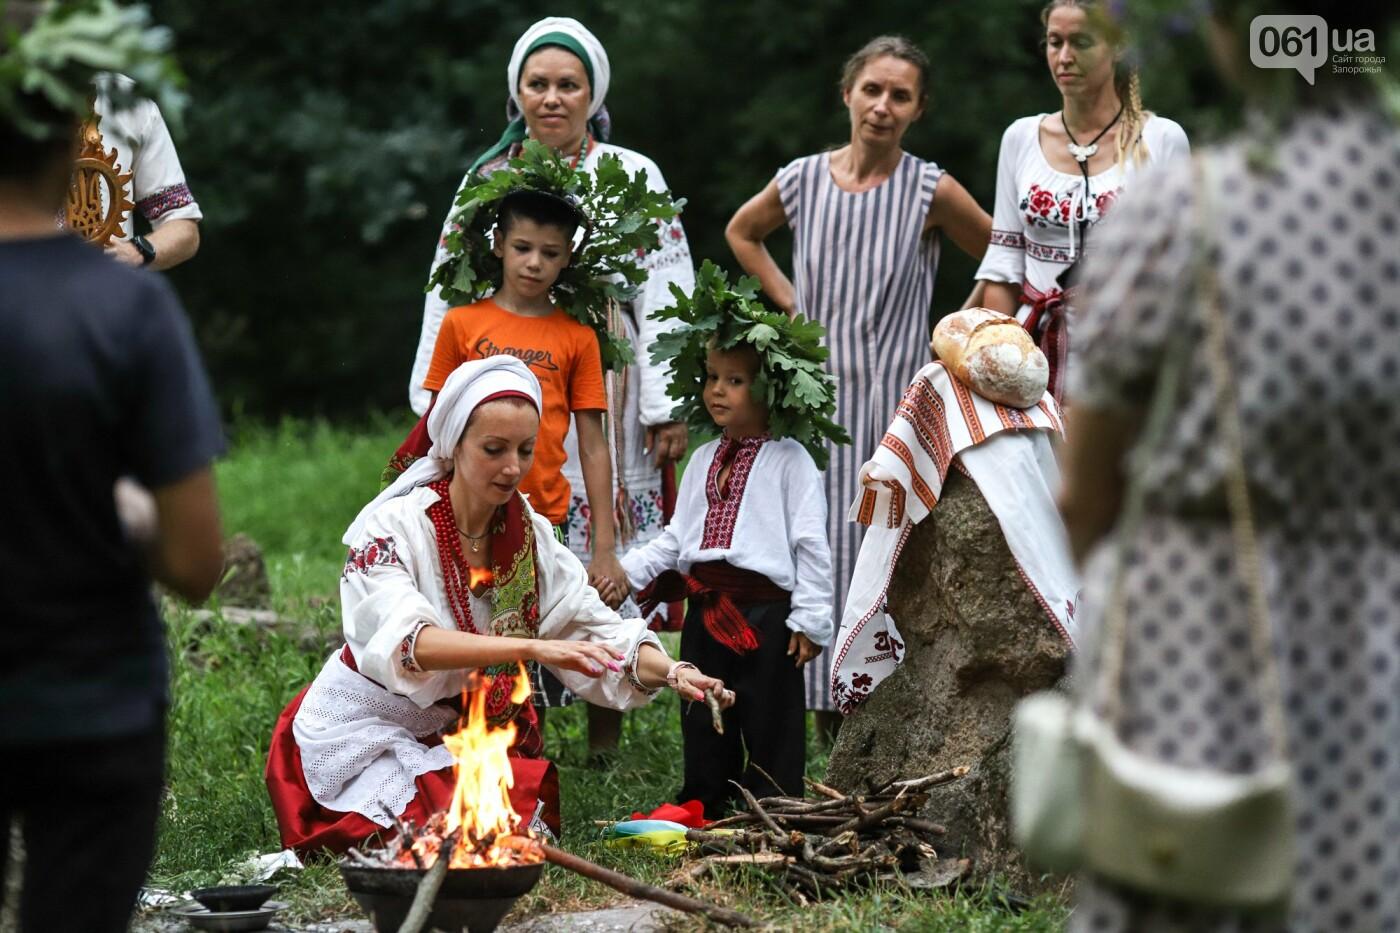 Огонь и дубовые венки: как на Хортице отметили праздник Перуна, - ФОТОРЕПОРТАЖ, фото-40